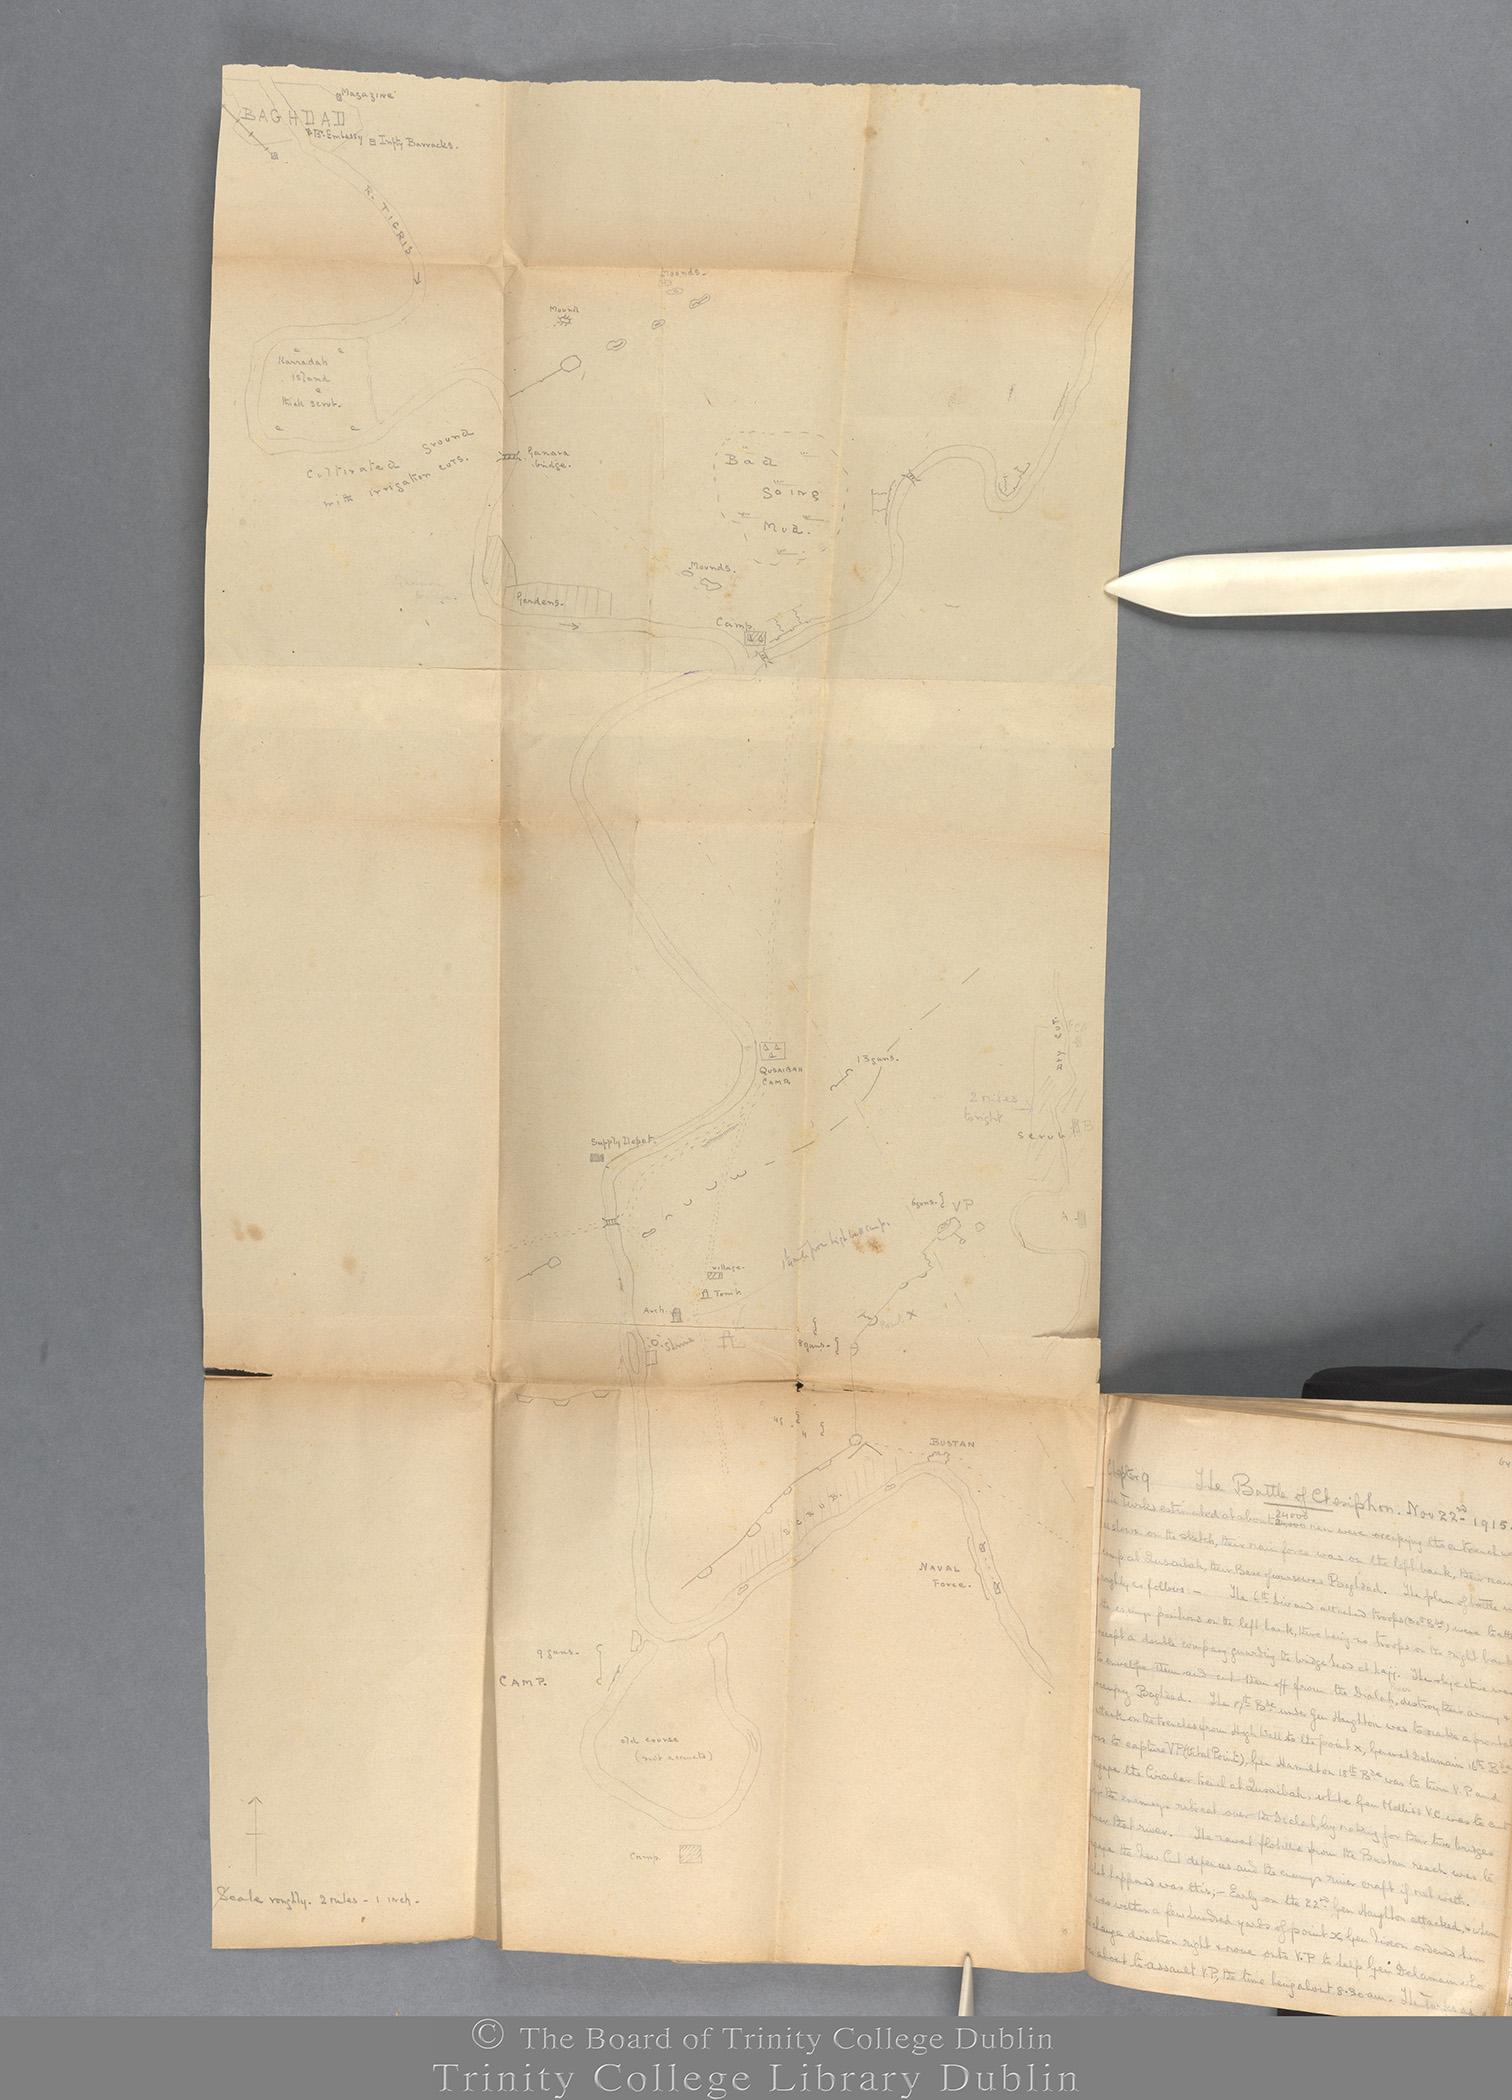 TCD MS 3414 folio 63 verso